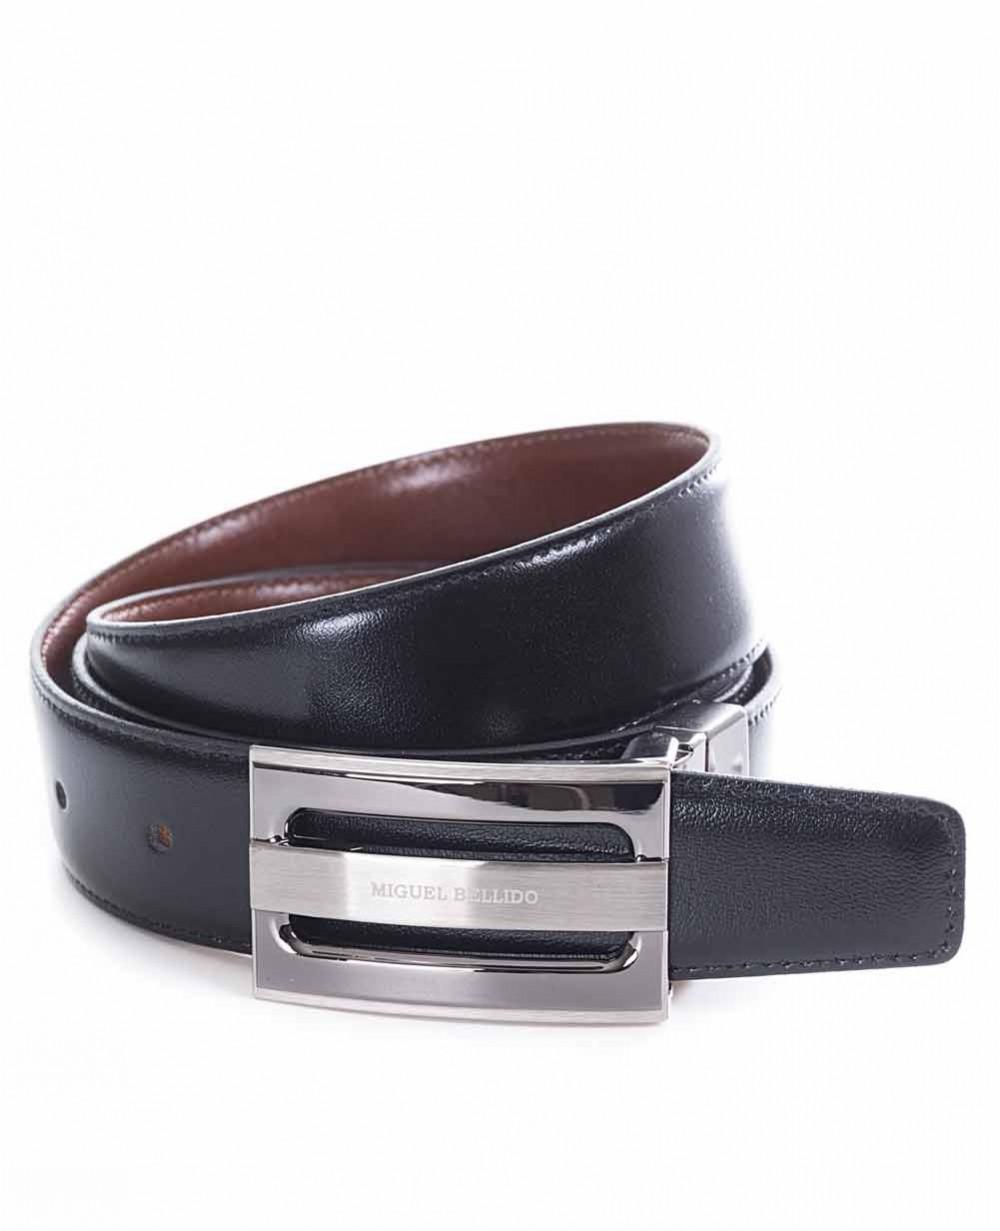 Miguel Bellido Cinturón clásico reversible Piel Negro/Marrón 90 (Foto )